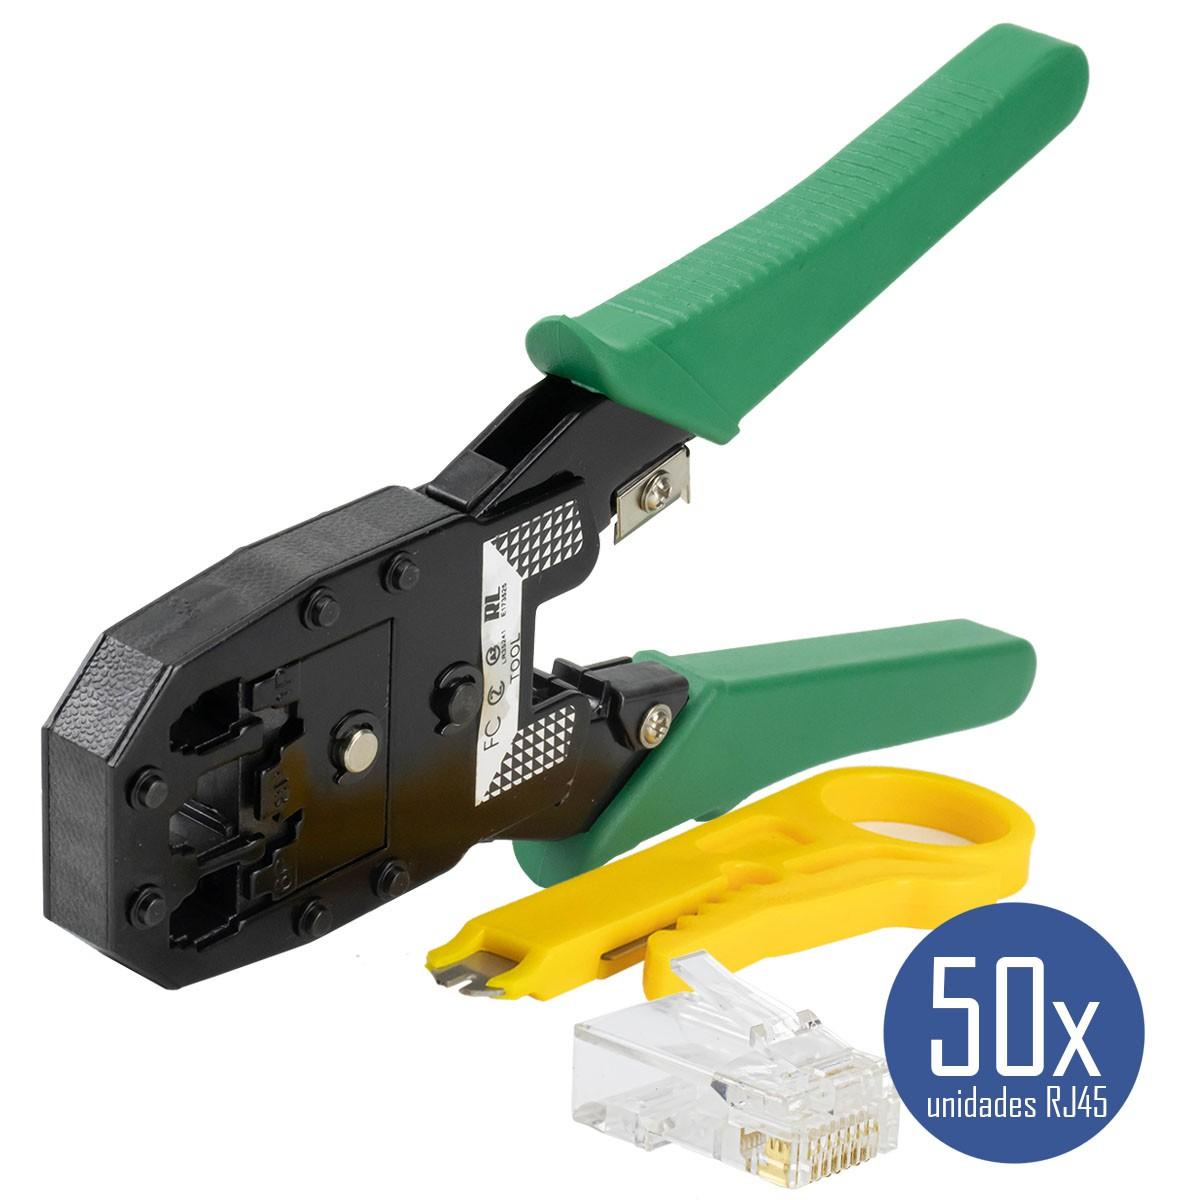 KIT Alicate p/ Crimpagem RJ45 e RJ11 + 50x Conectores RJ45